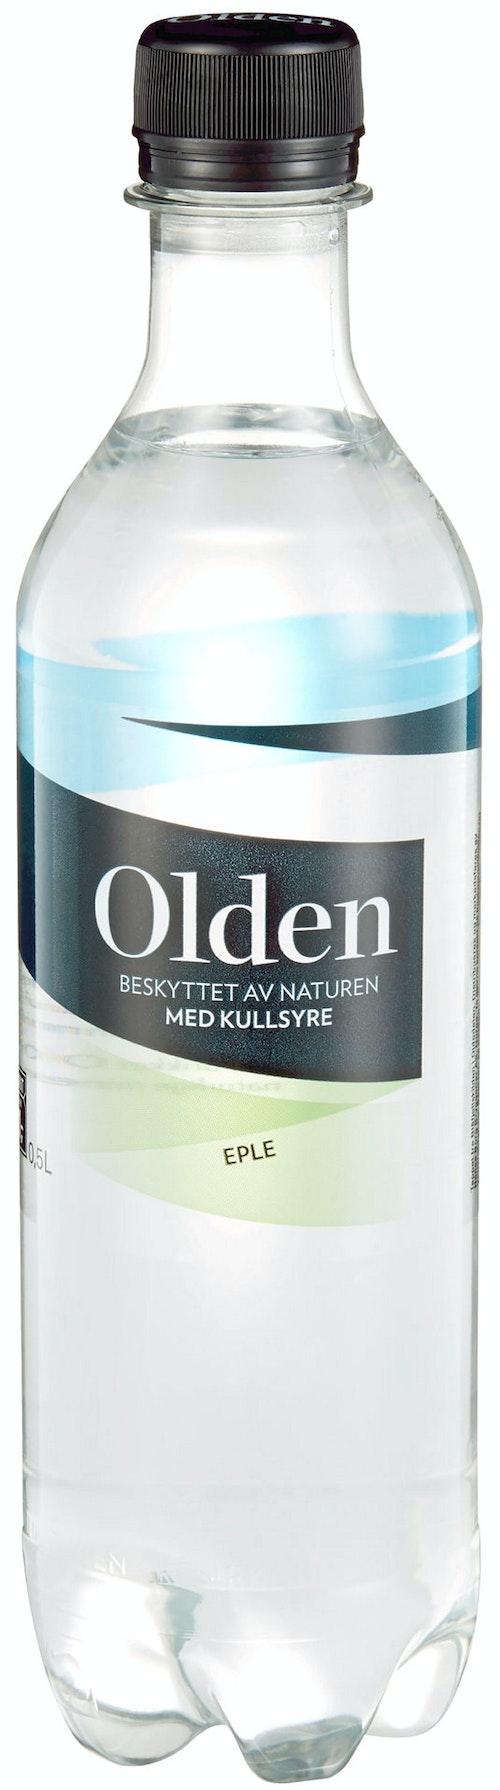 Olden Olden Eple Med Kullsyre, 0,5 l